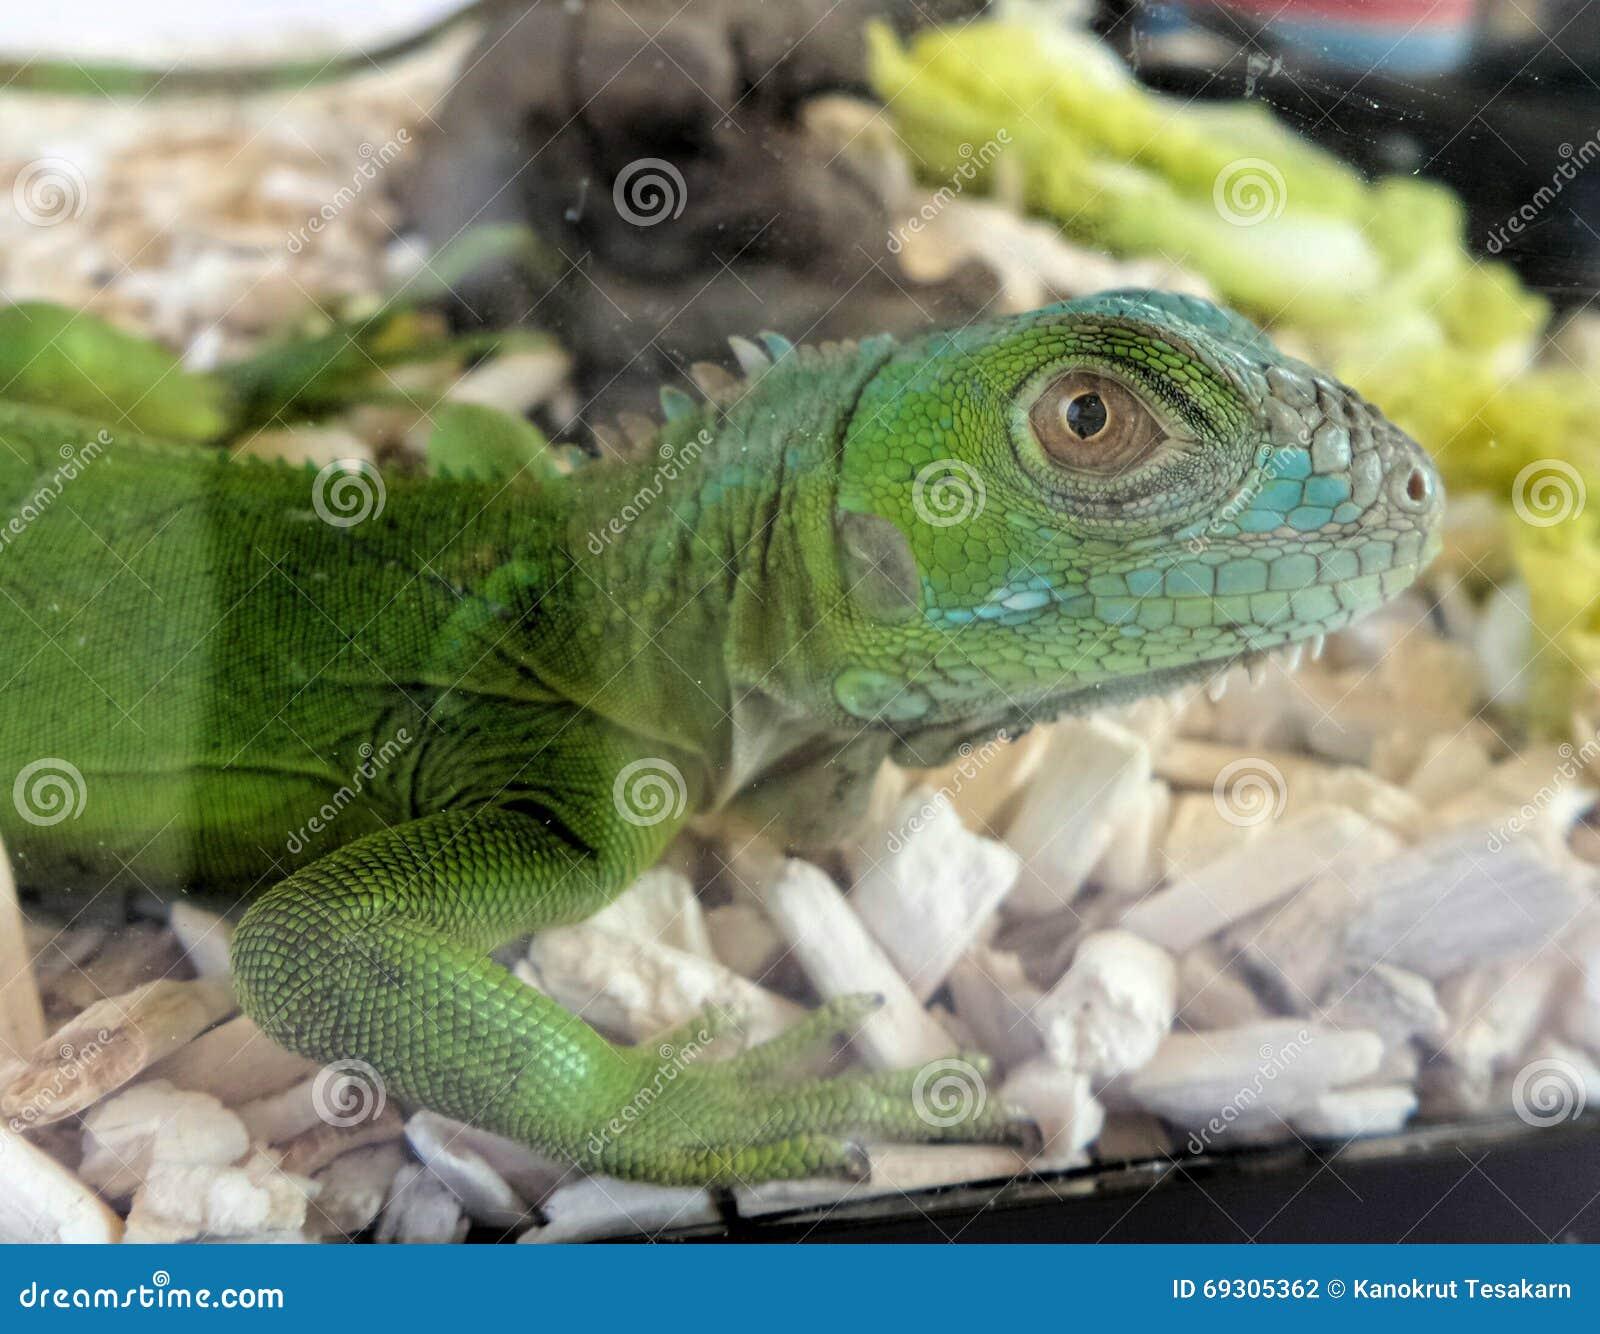 Green Chameleon Stock Photo - Image: 69305362